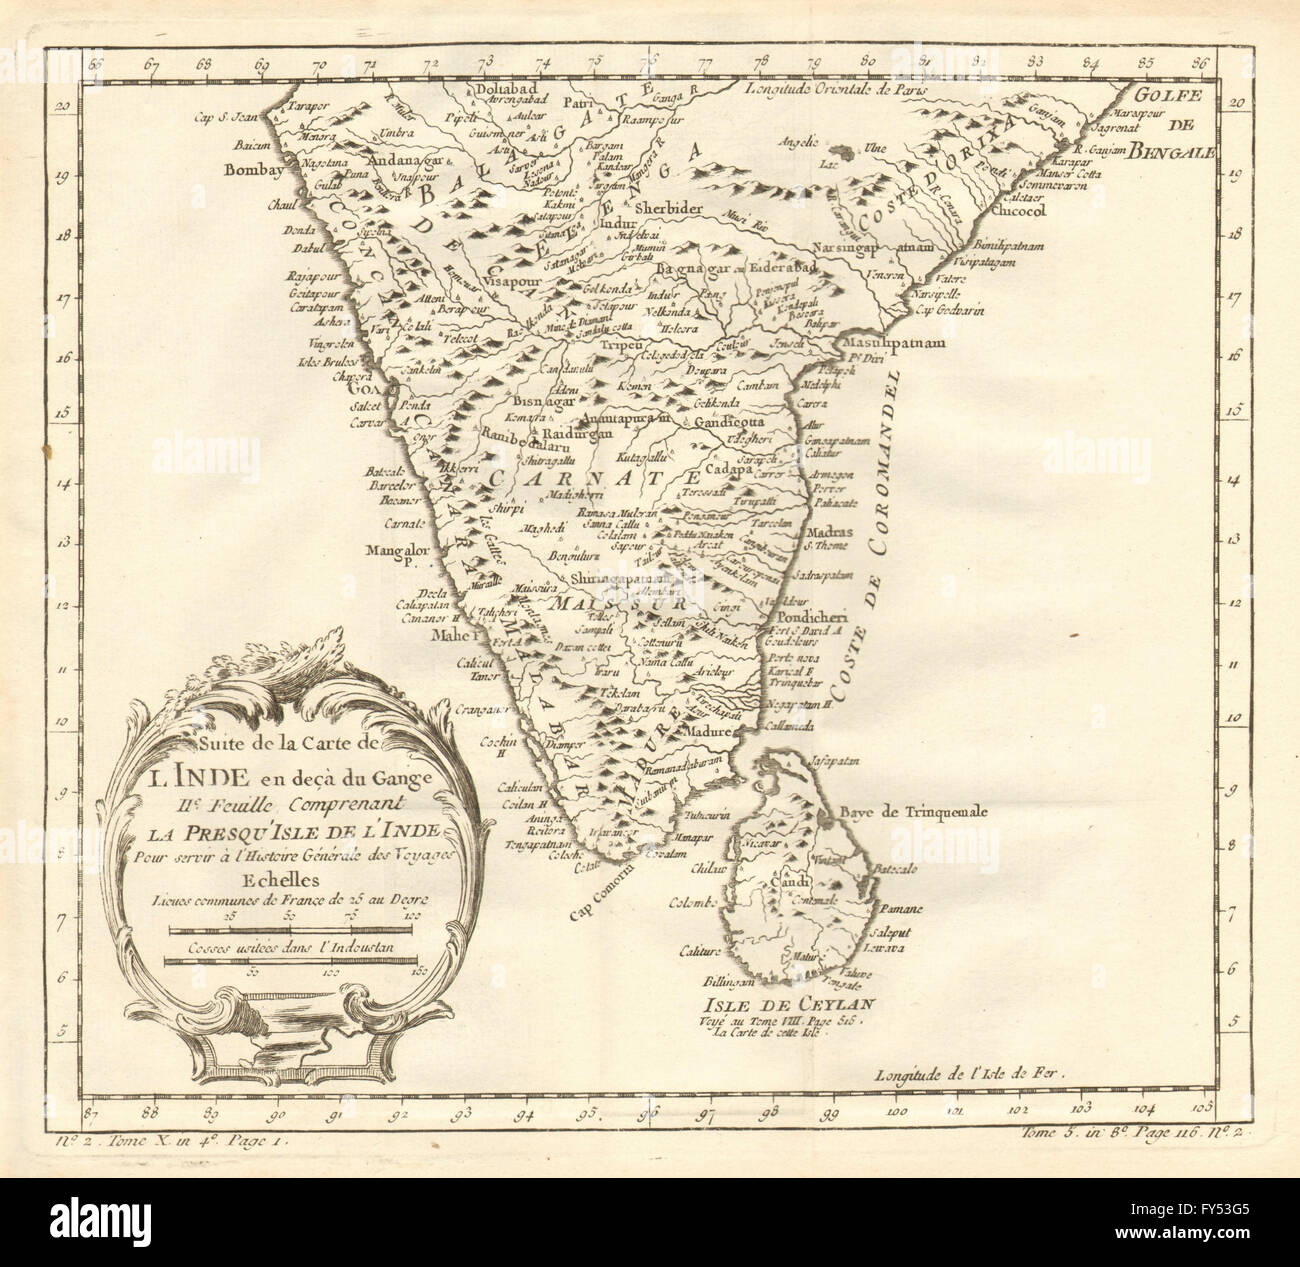 Carte De Linde Avec Le Gange.Suite De L Inde En Deca Du Gange South India Sri Lanka Ceylon Stock